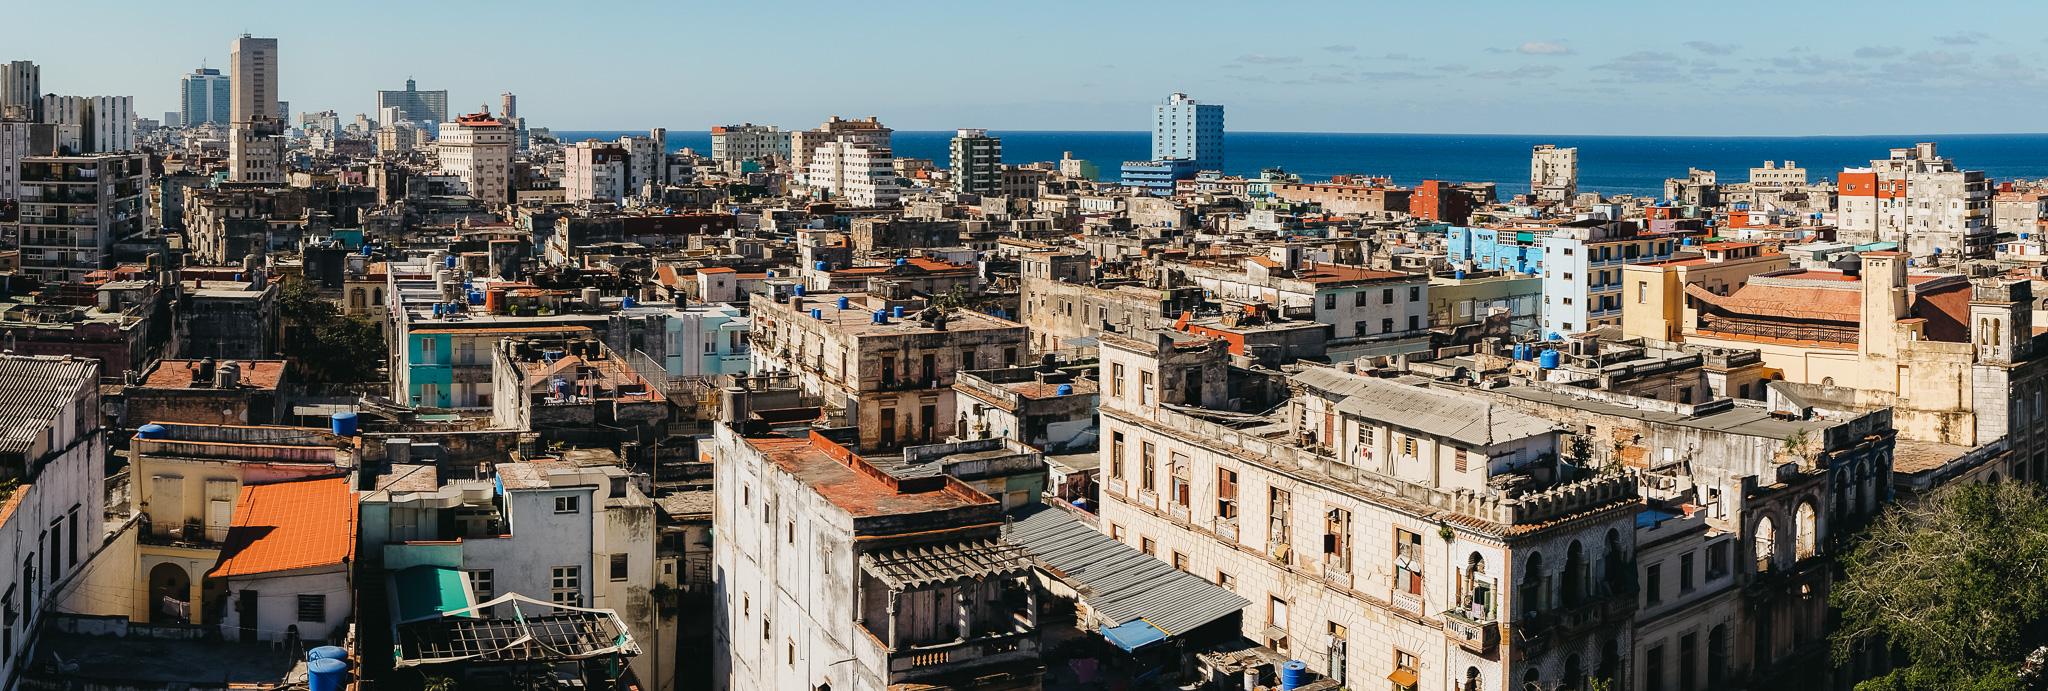 Cuba-2017-12-Havana-1282.jpg